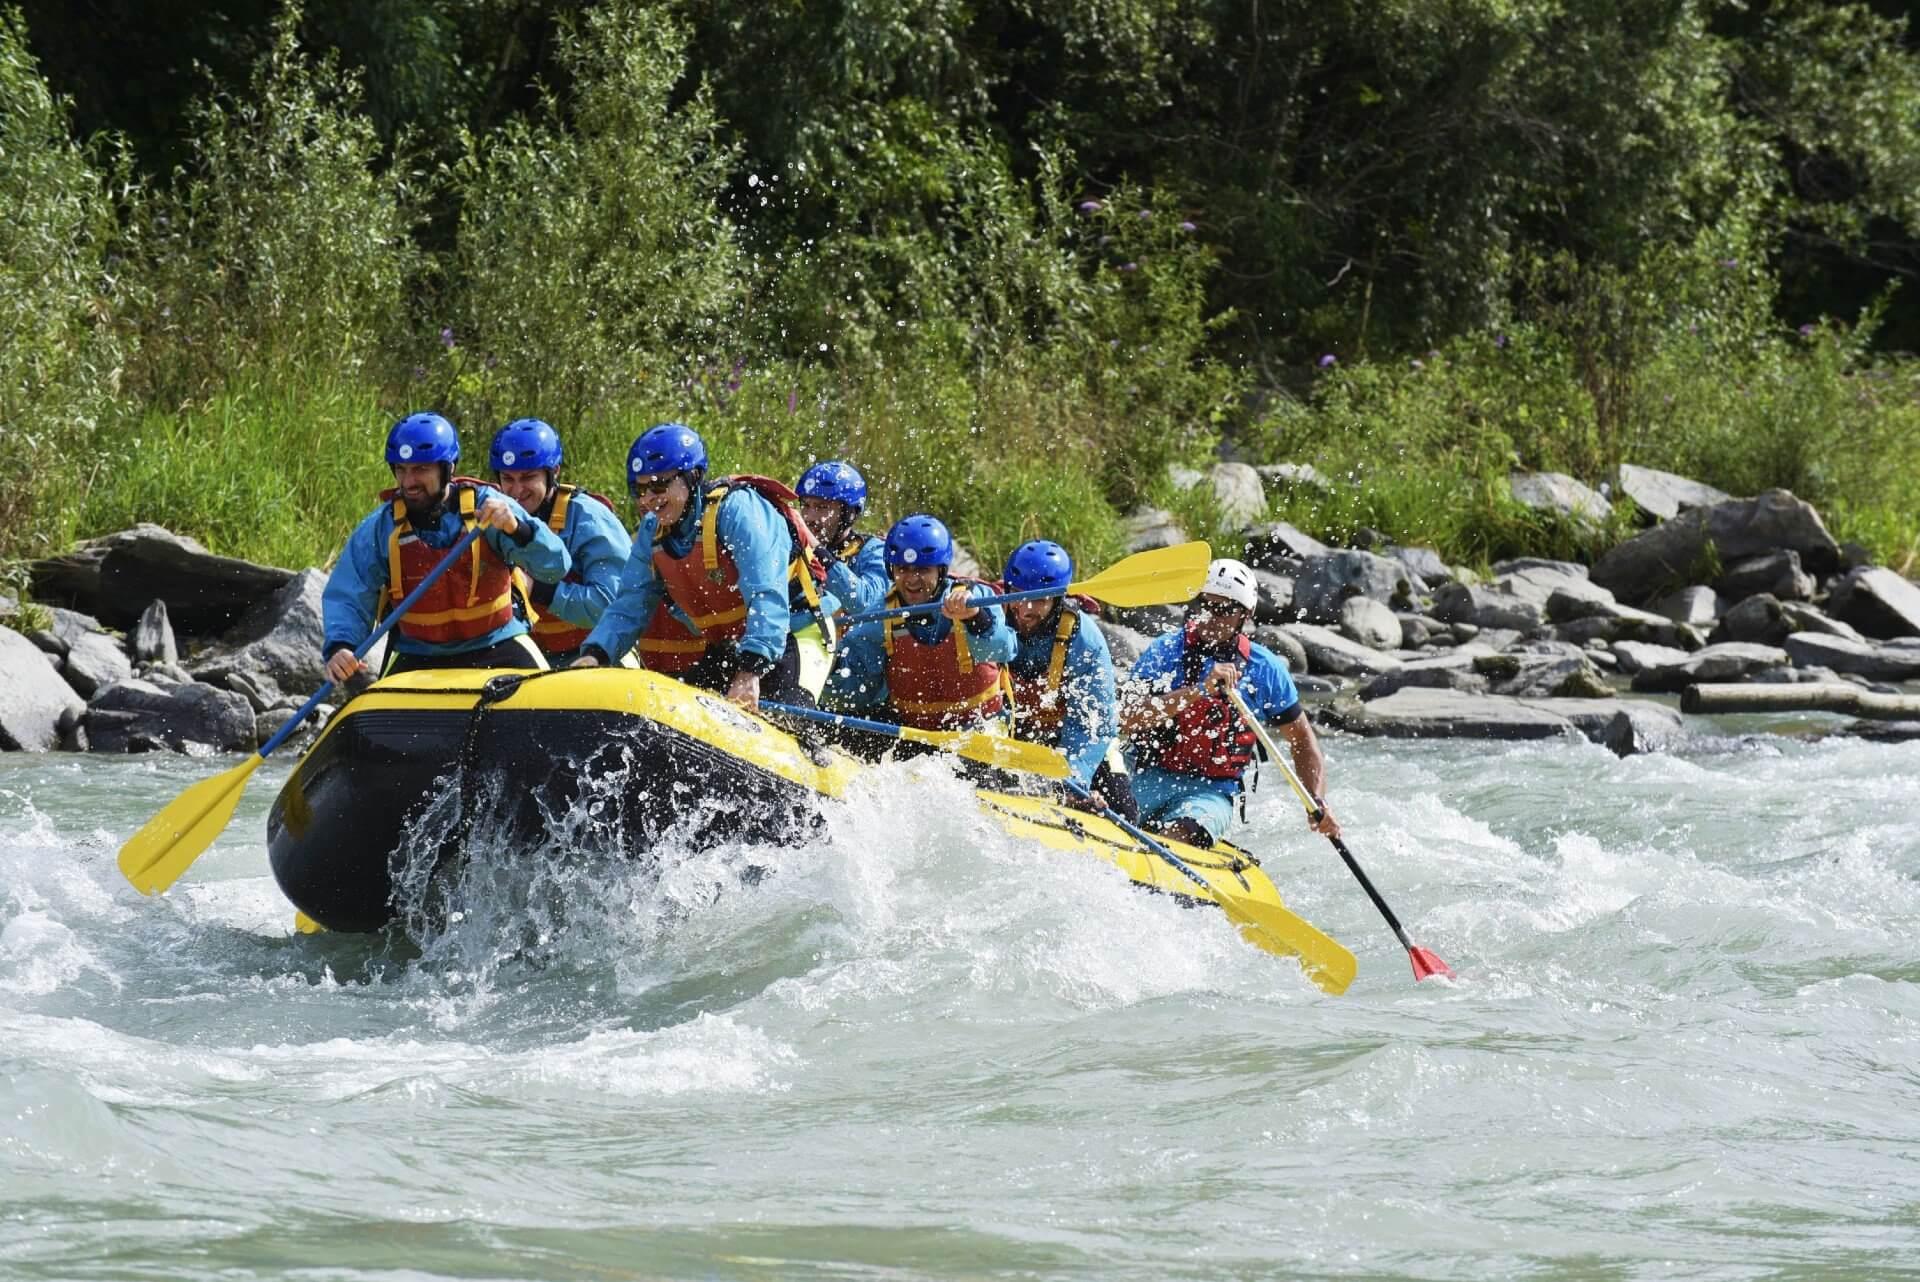 7.rafting WEEKEND IN VALTELLINA